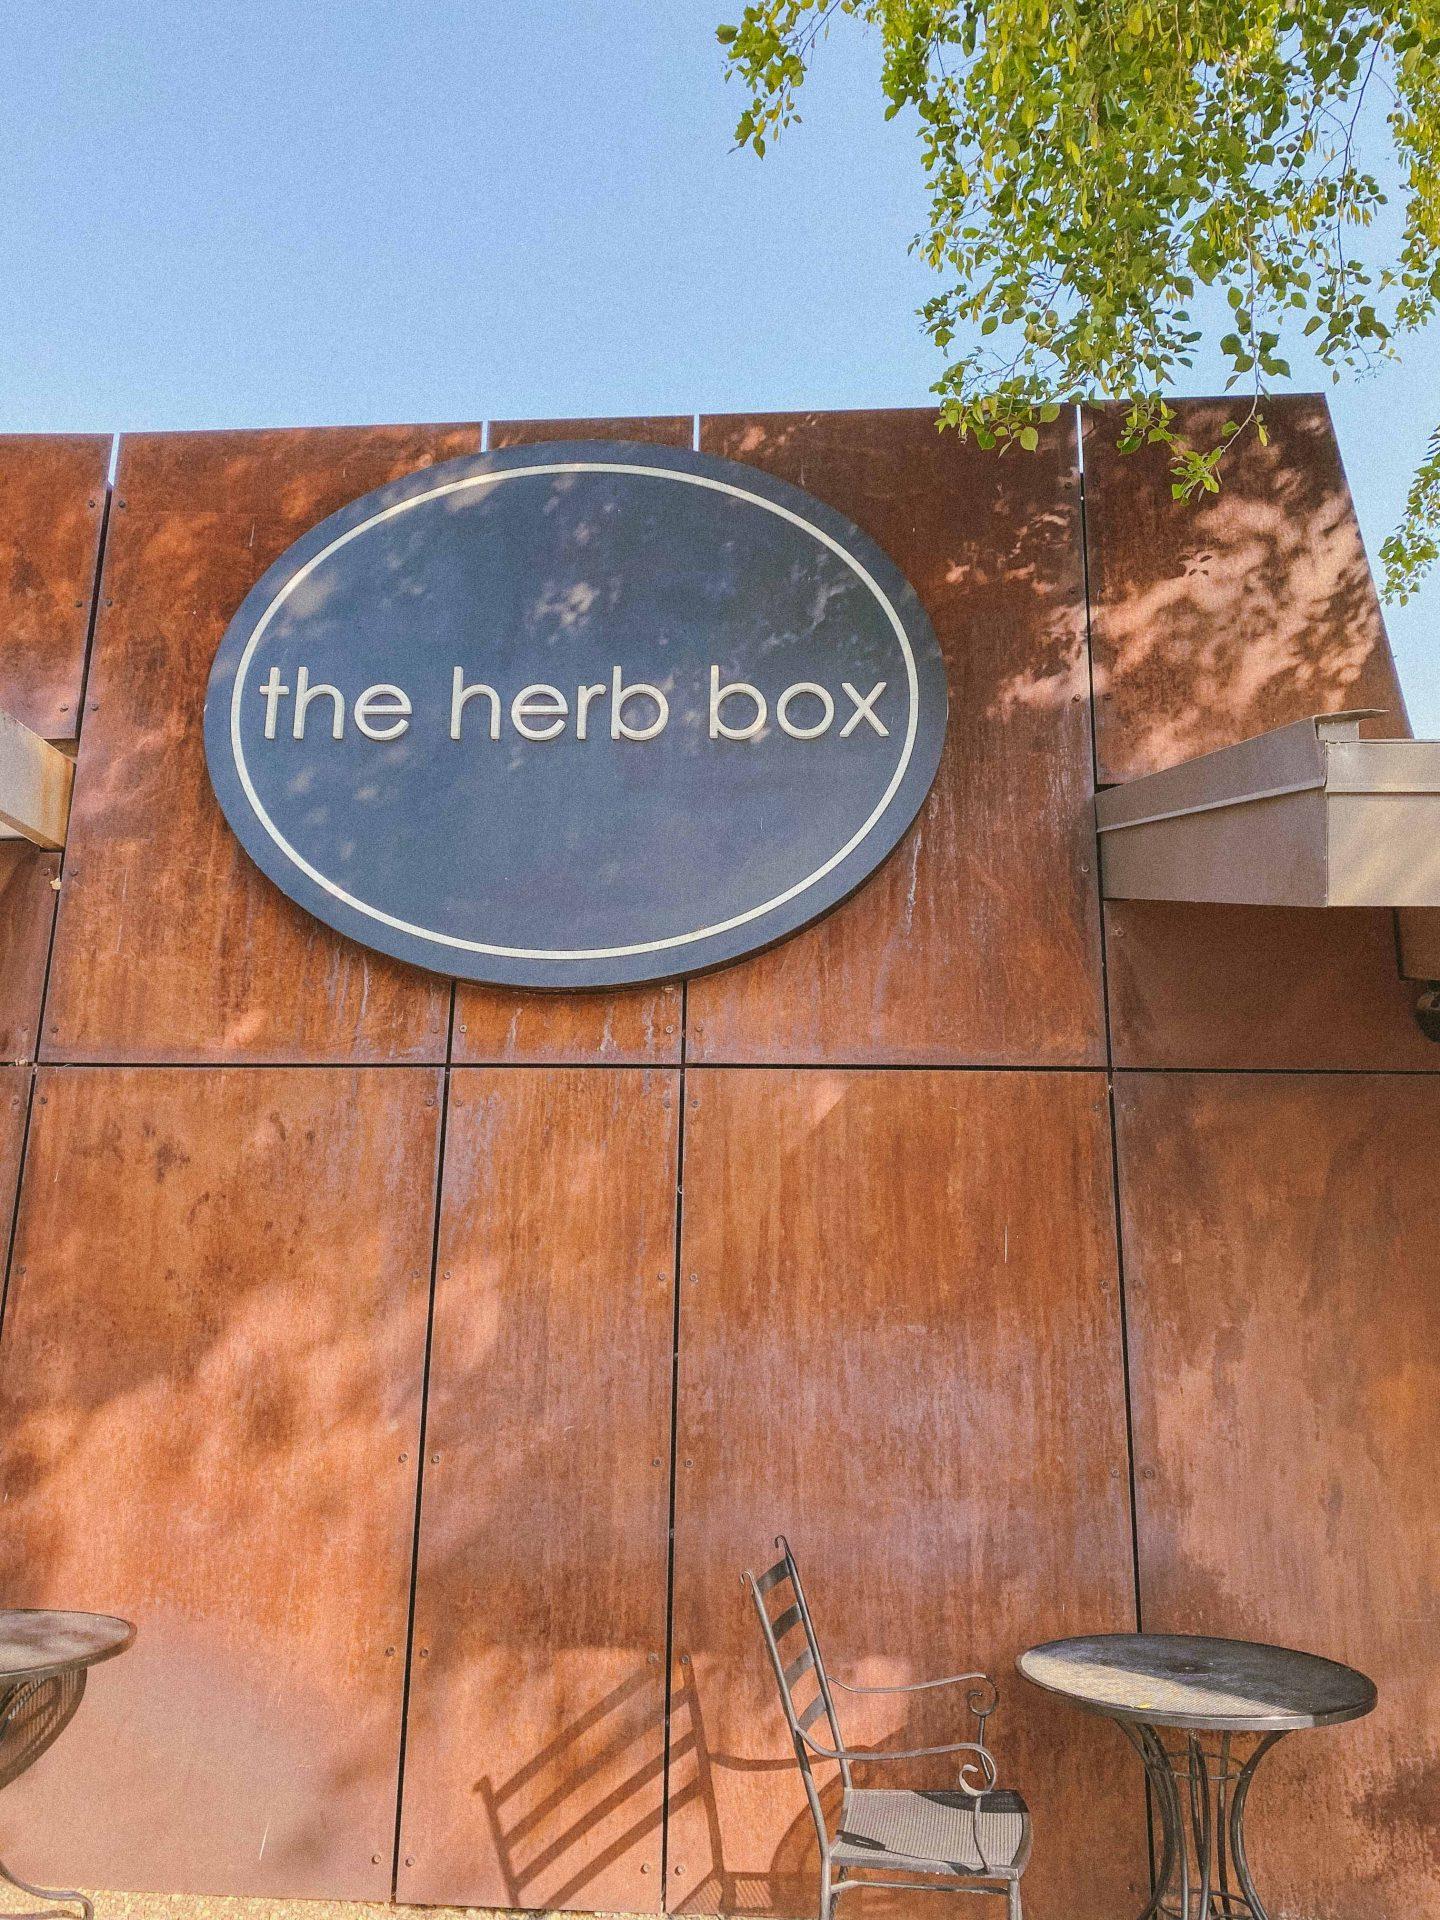 herb box, restaurants in Scottsdale, healthy bites in scottsdale, where to eat in scottsdale, scottsdale Arizona, gluten-free, best restaurants, old town scottsdale, where to eat in scottsdale, travel blog, travel guide to scottsdale Arizona